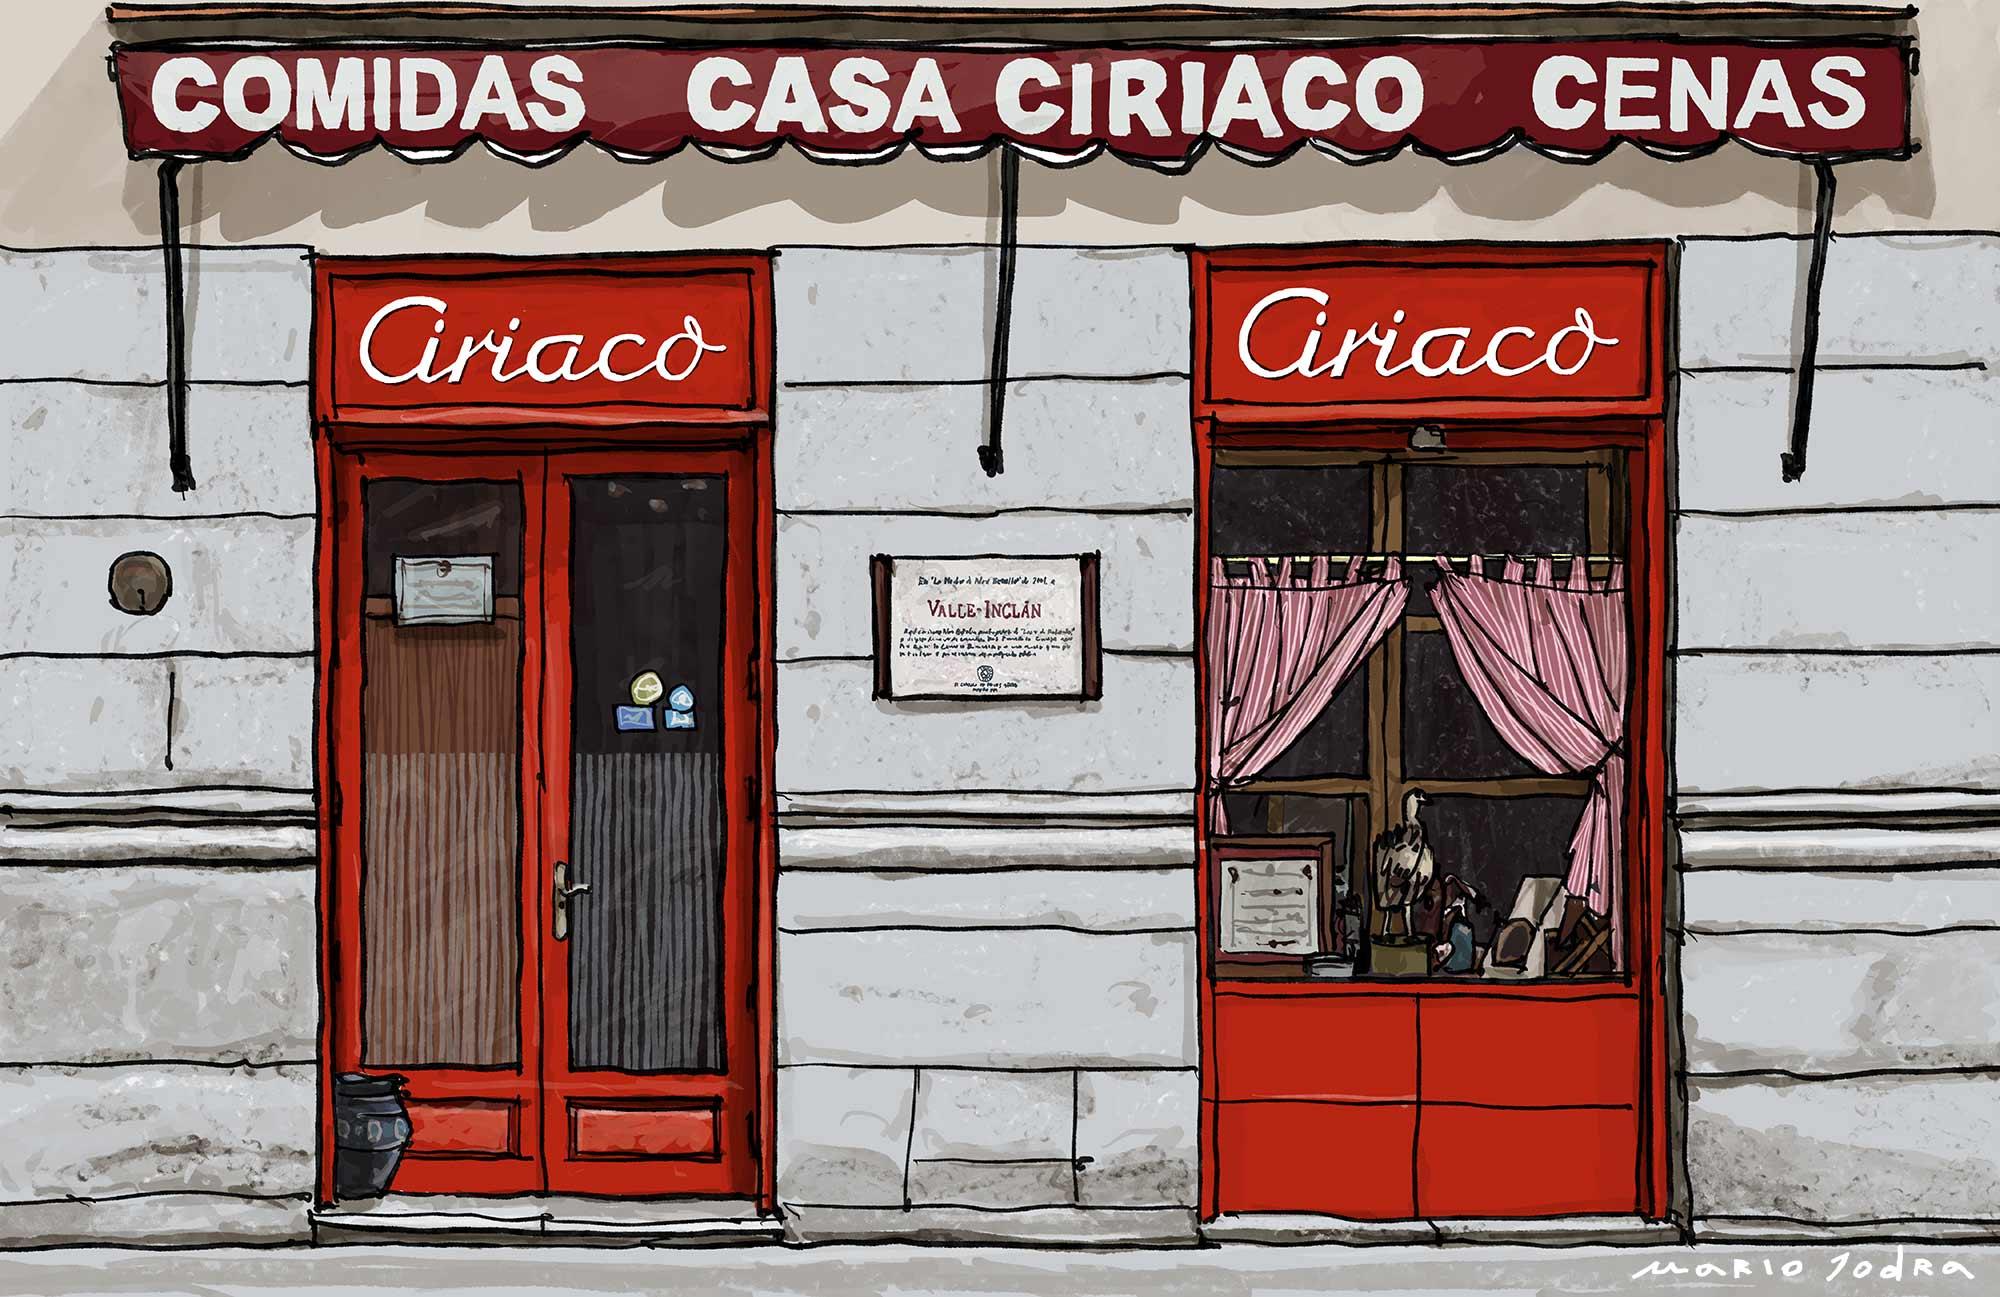 Mario Jodra illustration Art - Casa Ciriaco. Madrid tavern. Since 1887